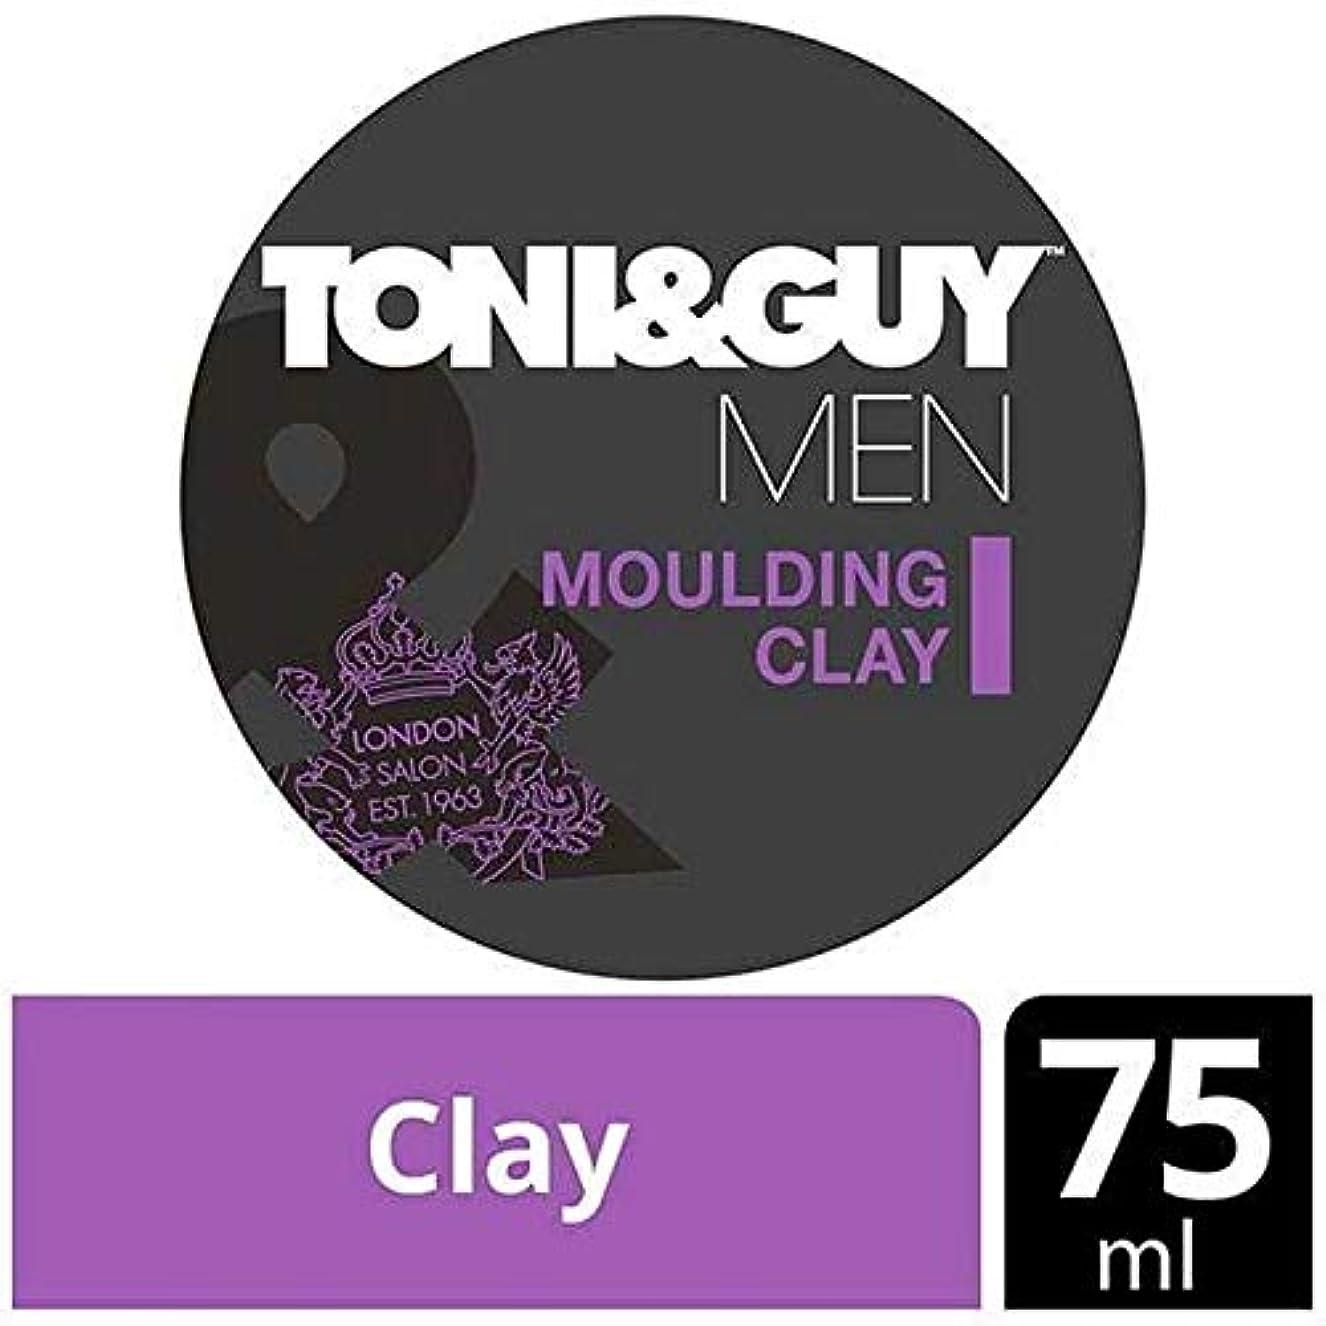 恥ずかしい脆い貧困[Toni & Guy] トニ&男成型粘土 - Toni & Guy Moulding Clay [並行輸入品]